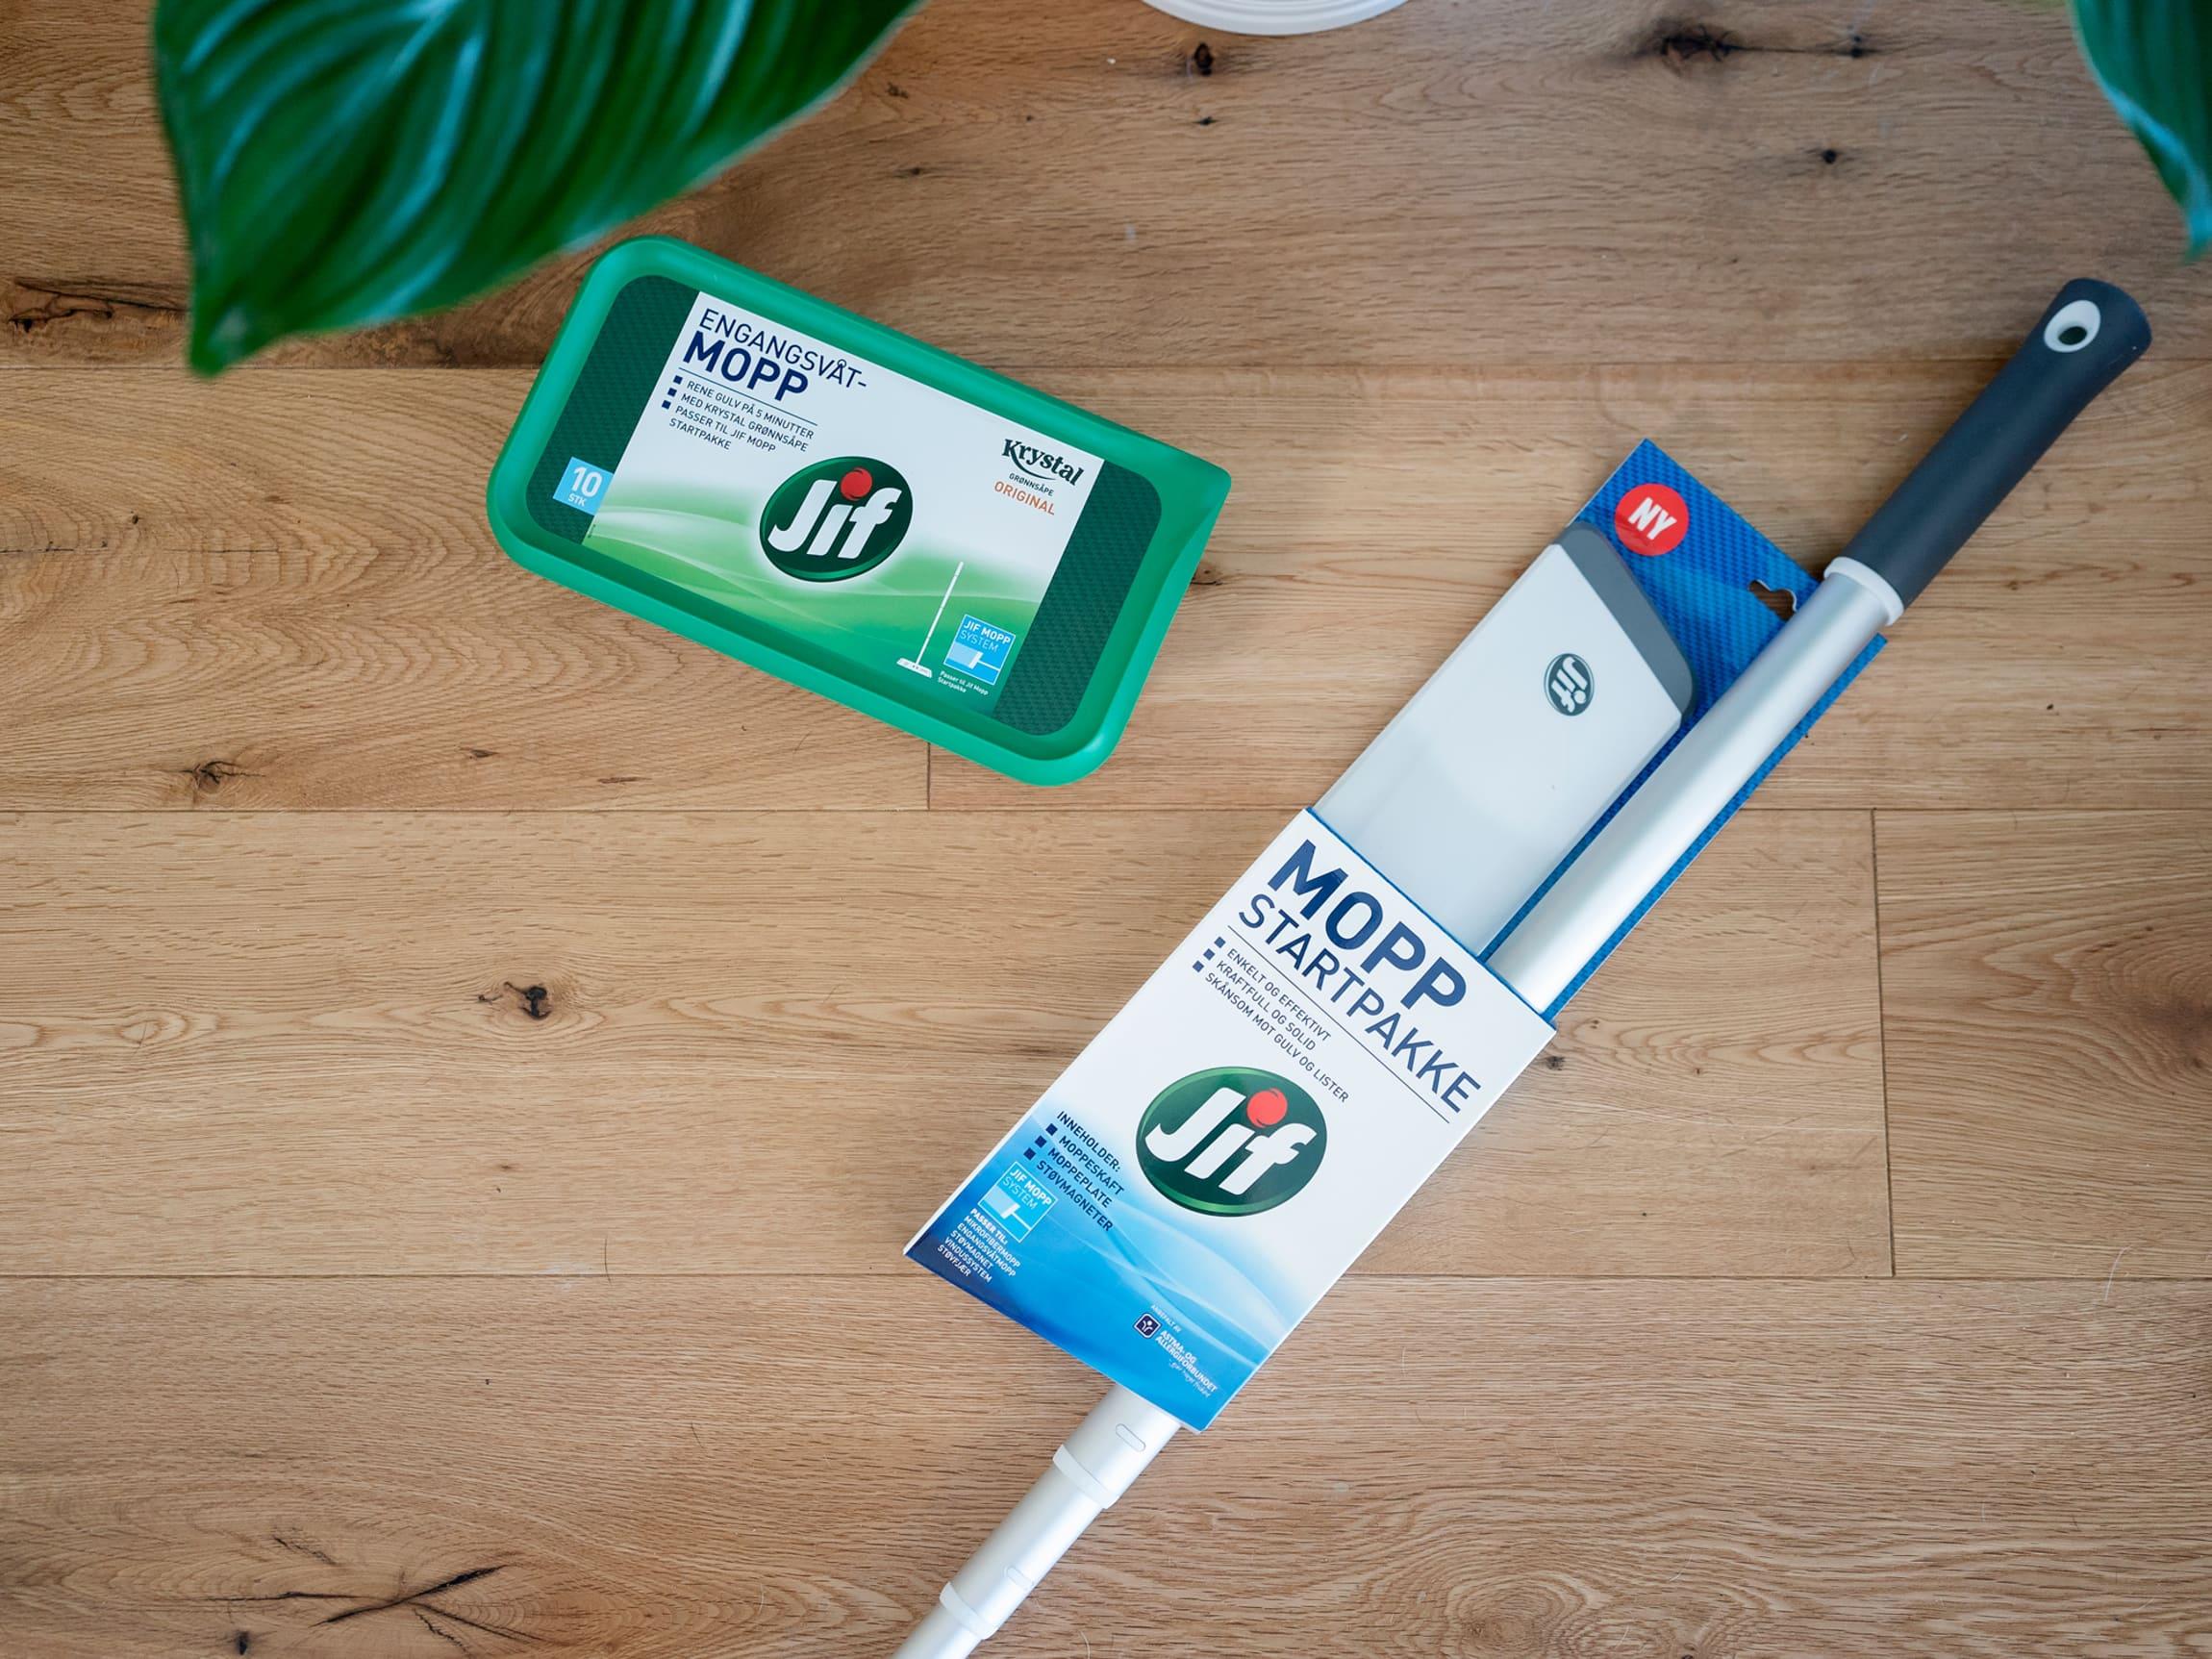 Kjapp gulvvask gjøres enkelt med Jif mopp